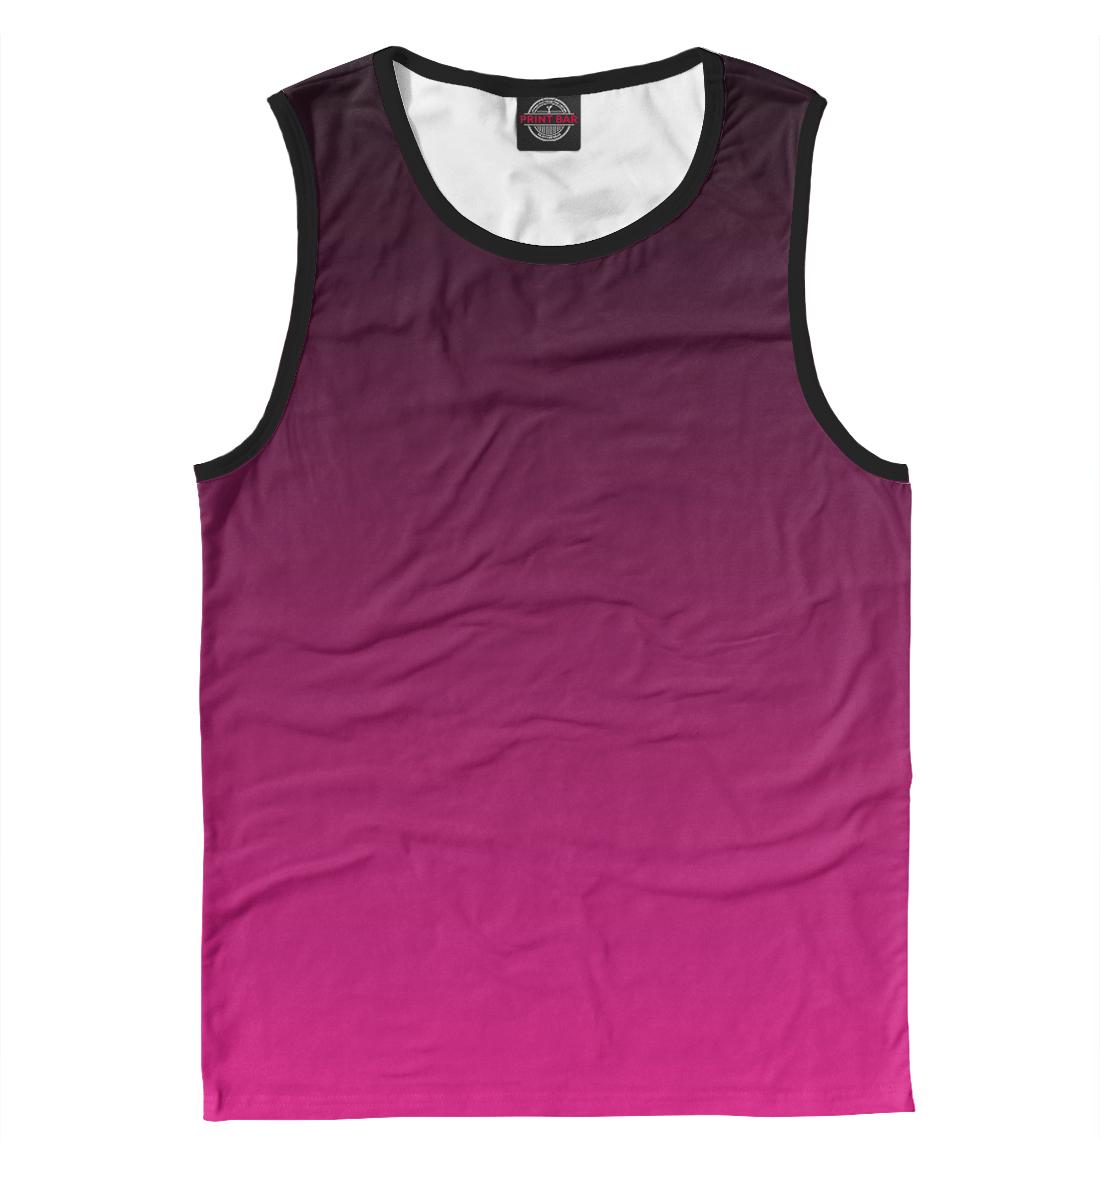 Купить Градиент Розовый в Черный, Printbar, Майки, CLR-560218-may-2